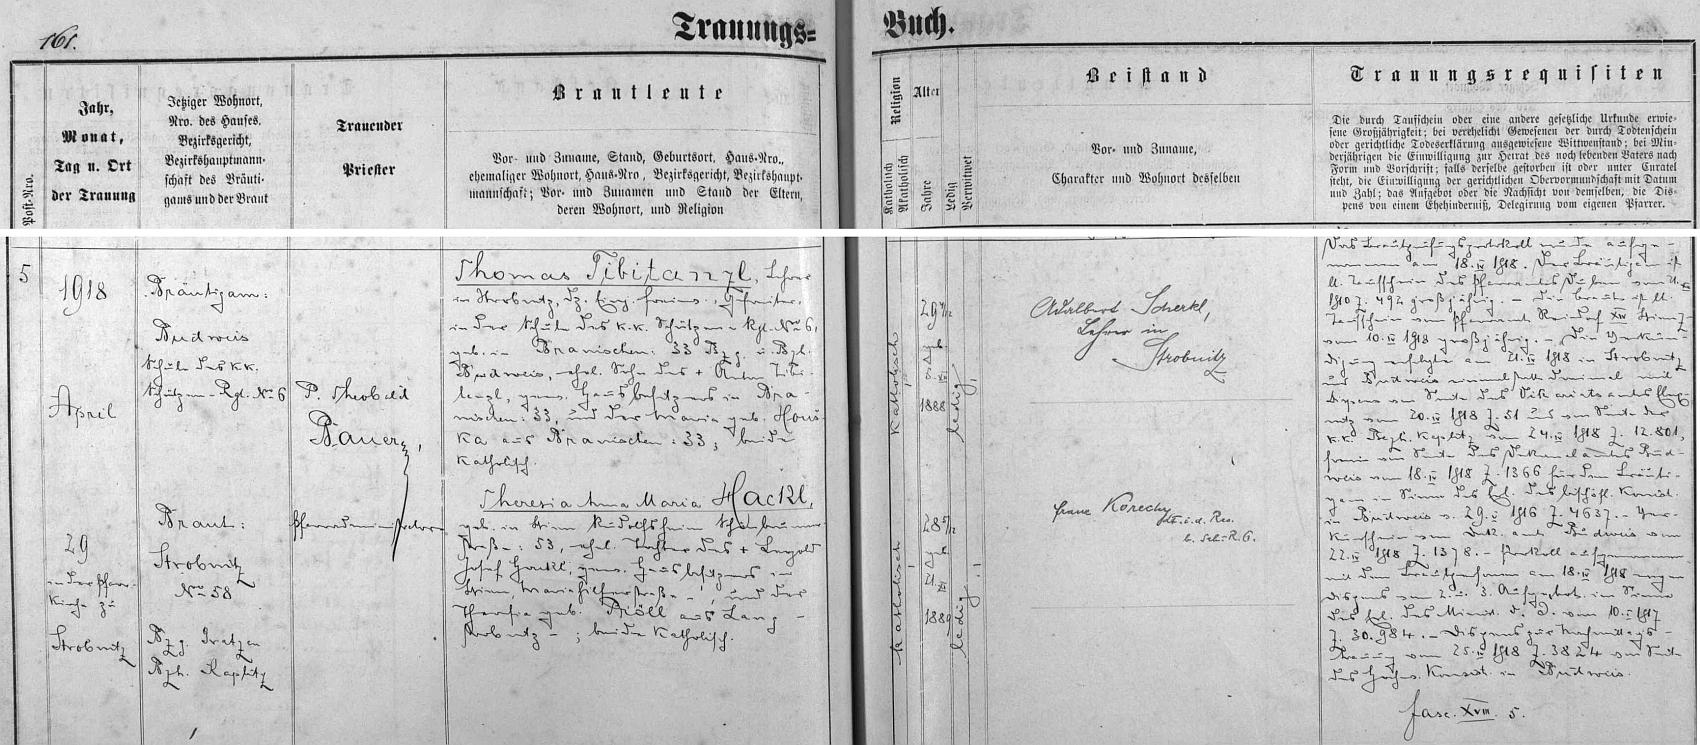 Záznam o jeho svatbě v Horní Stropnici, uchovaný na stránkách tamní oddací matriky, za svědka mu byl Adalbert Scherkl